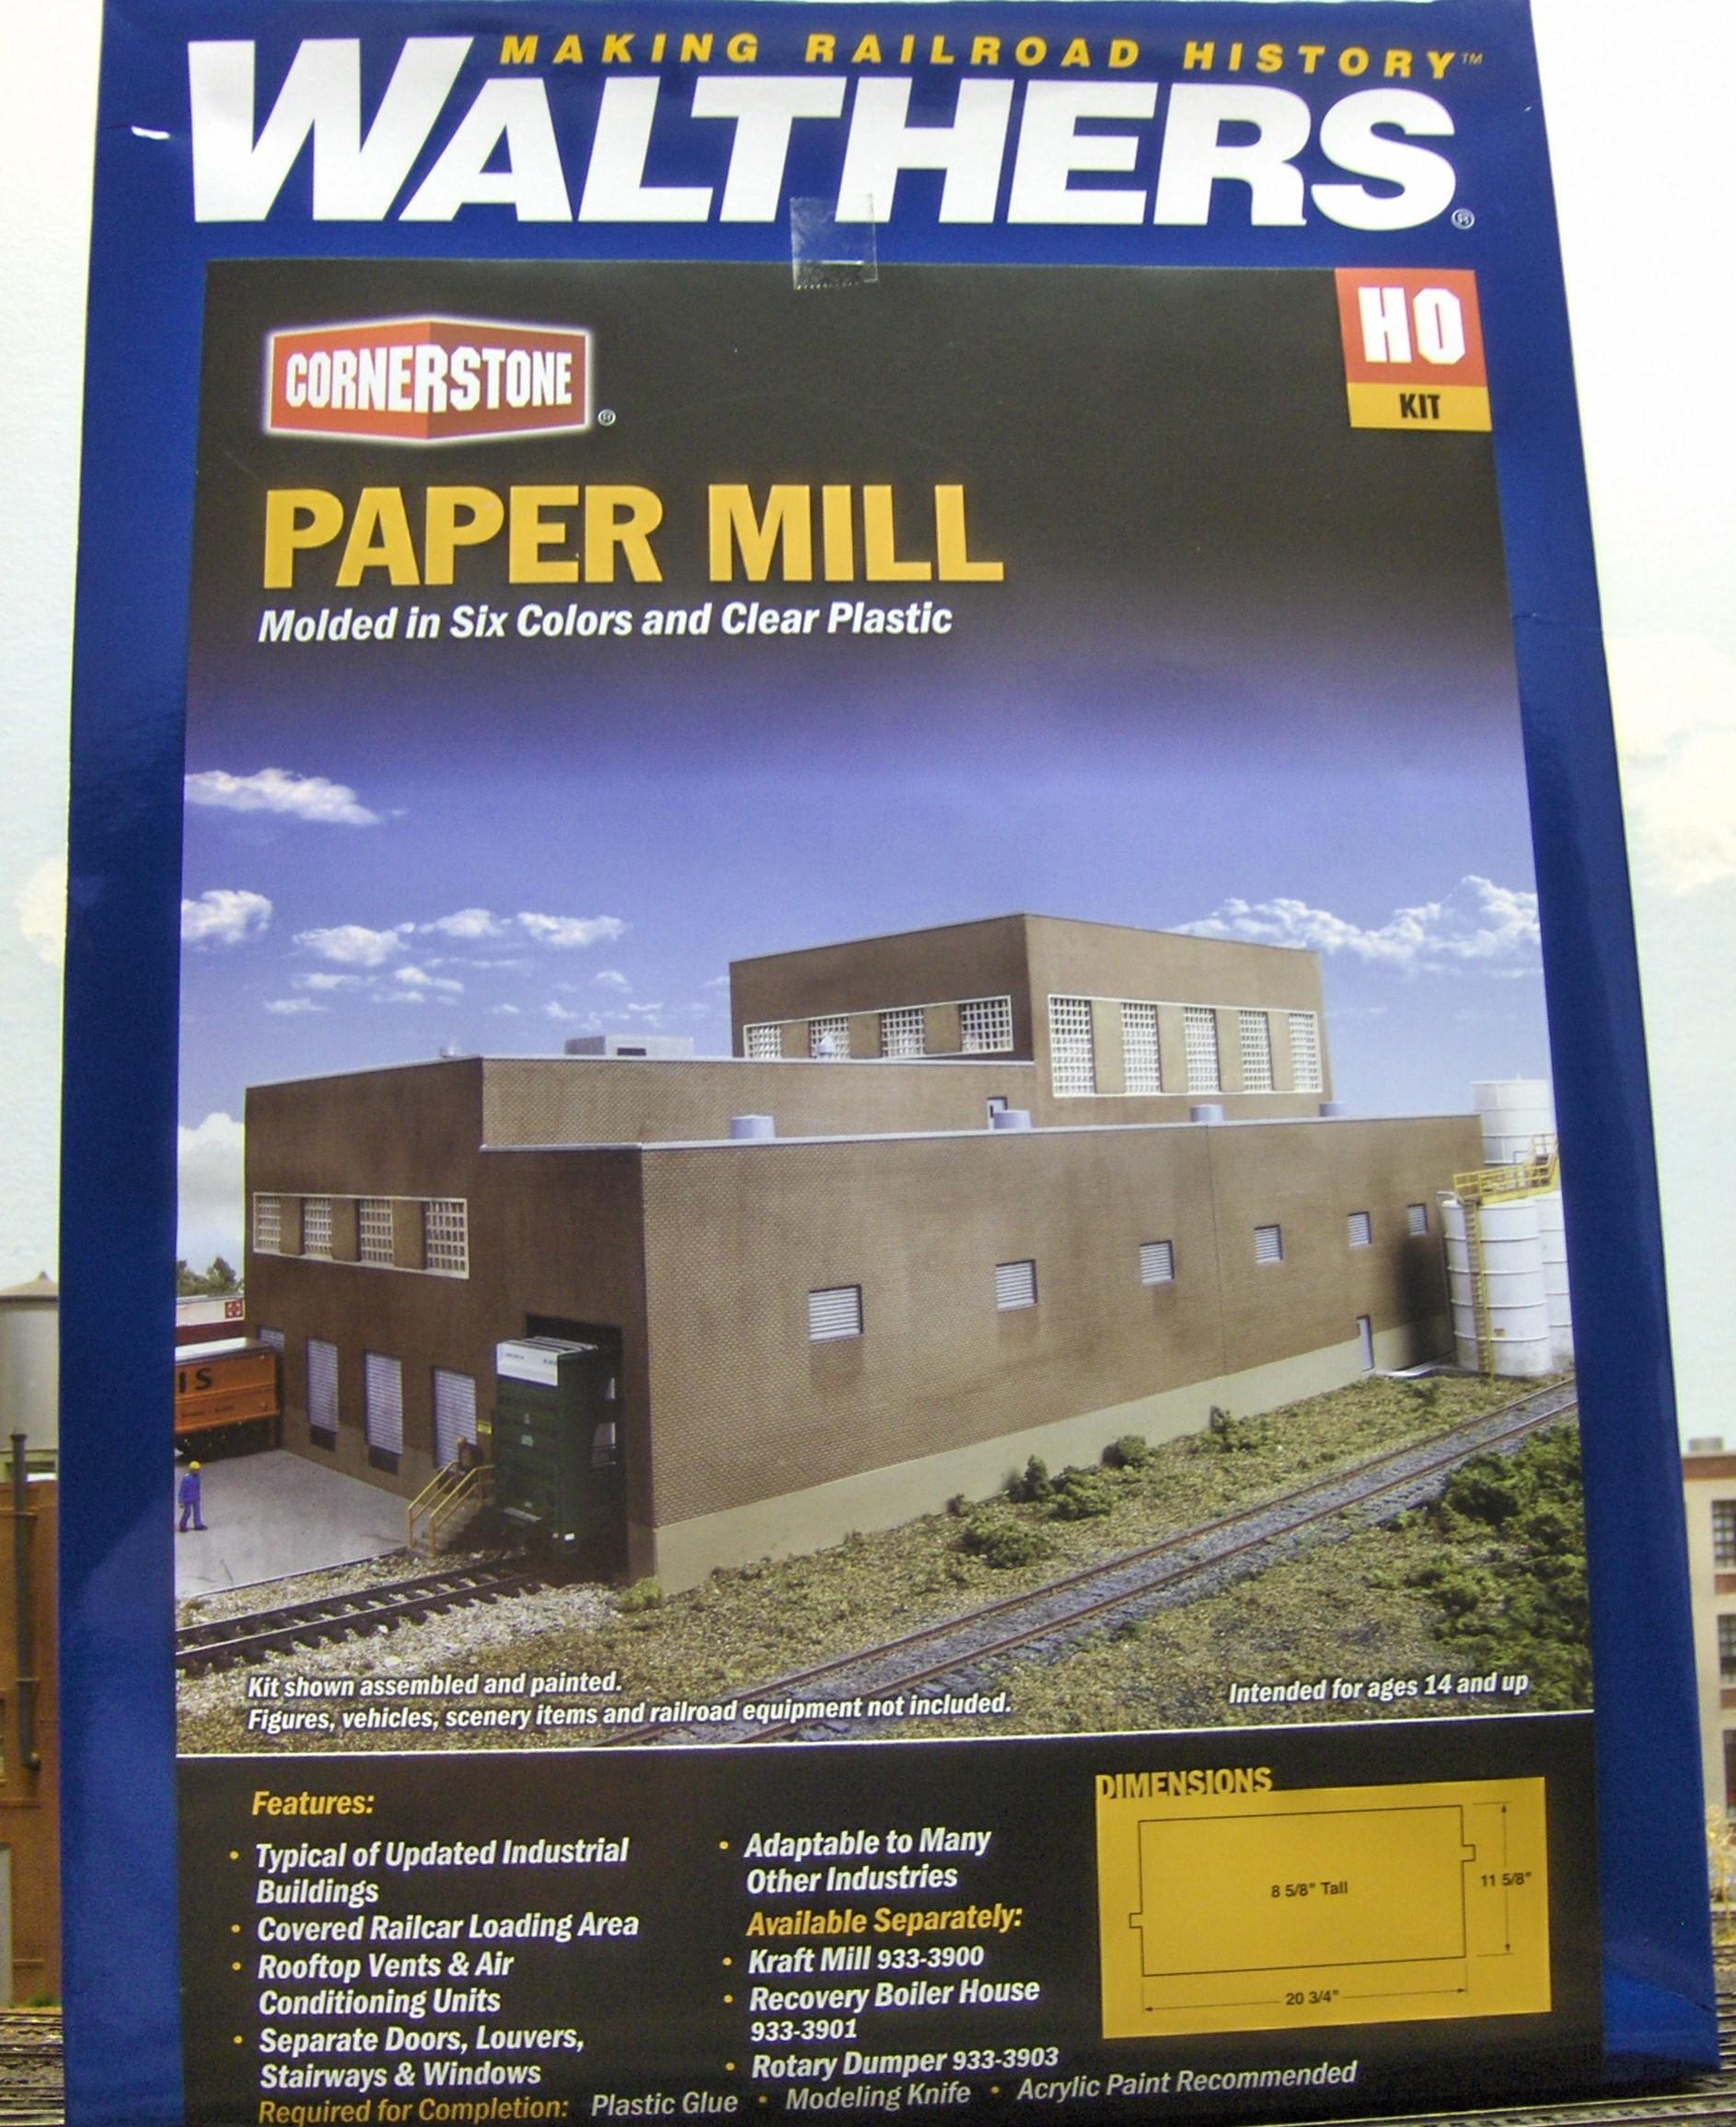 model railroad kit paper mill